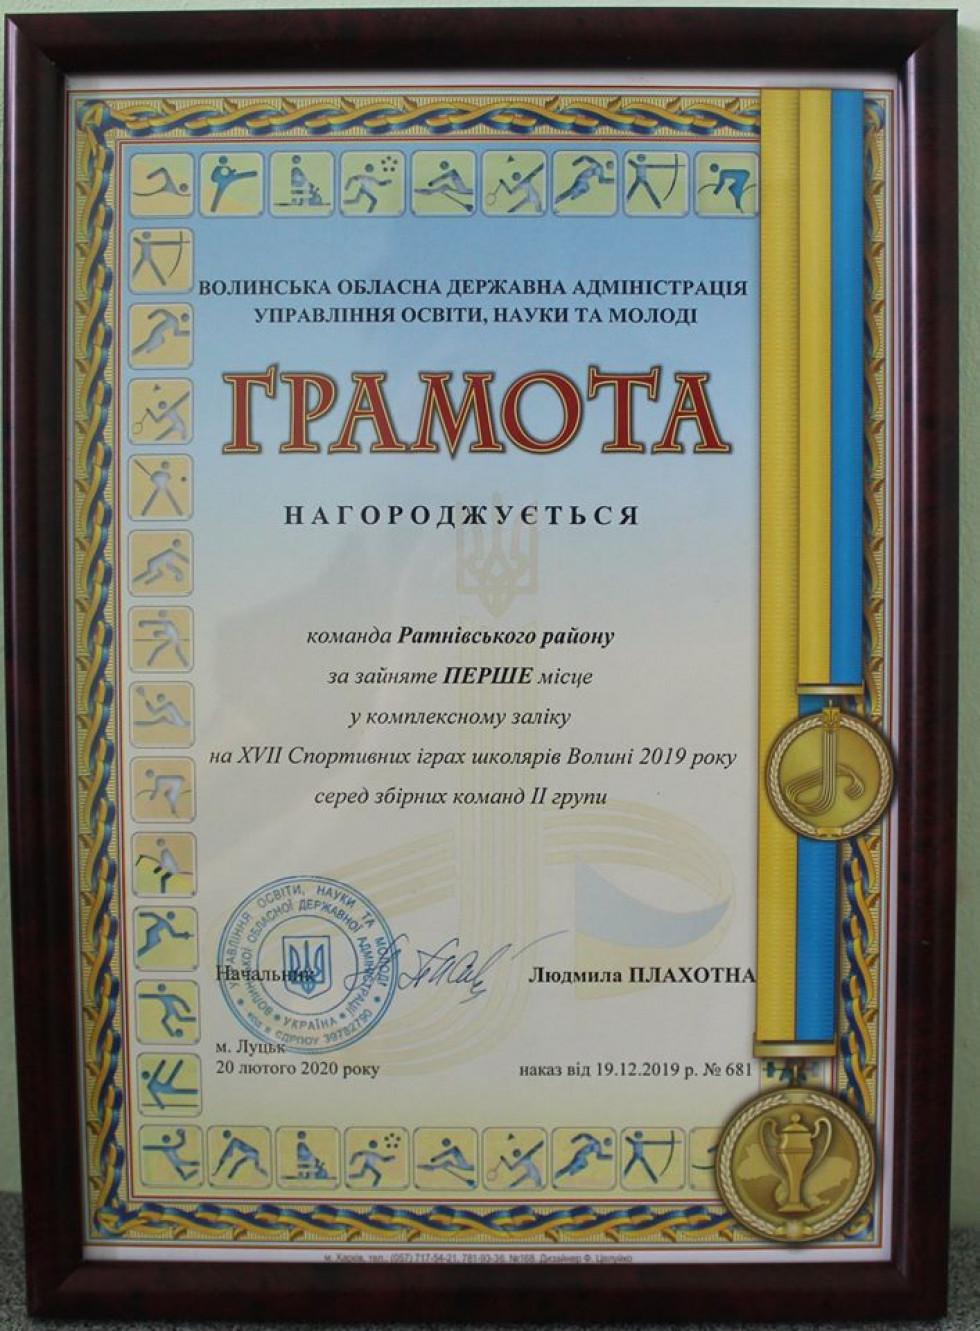 Почесна грамота команди Ратнівщини